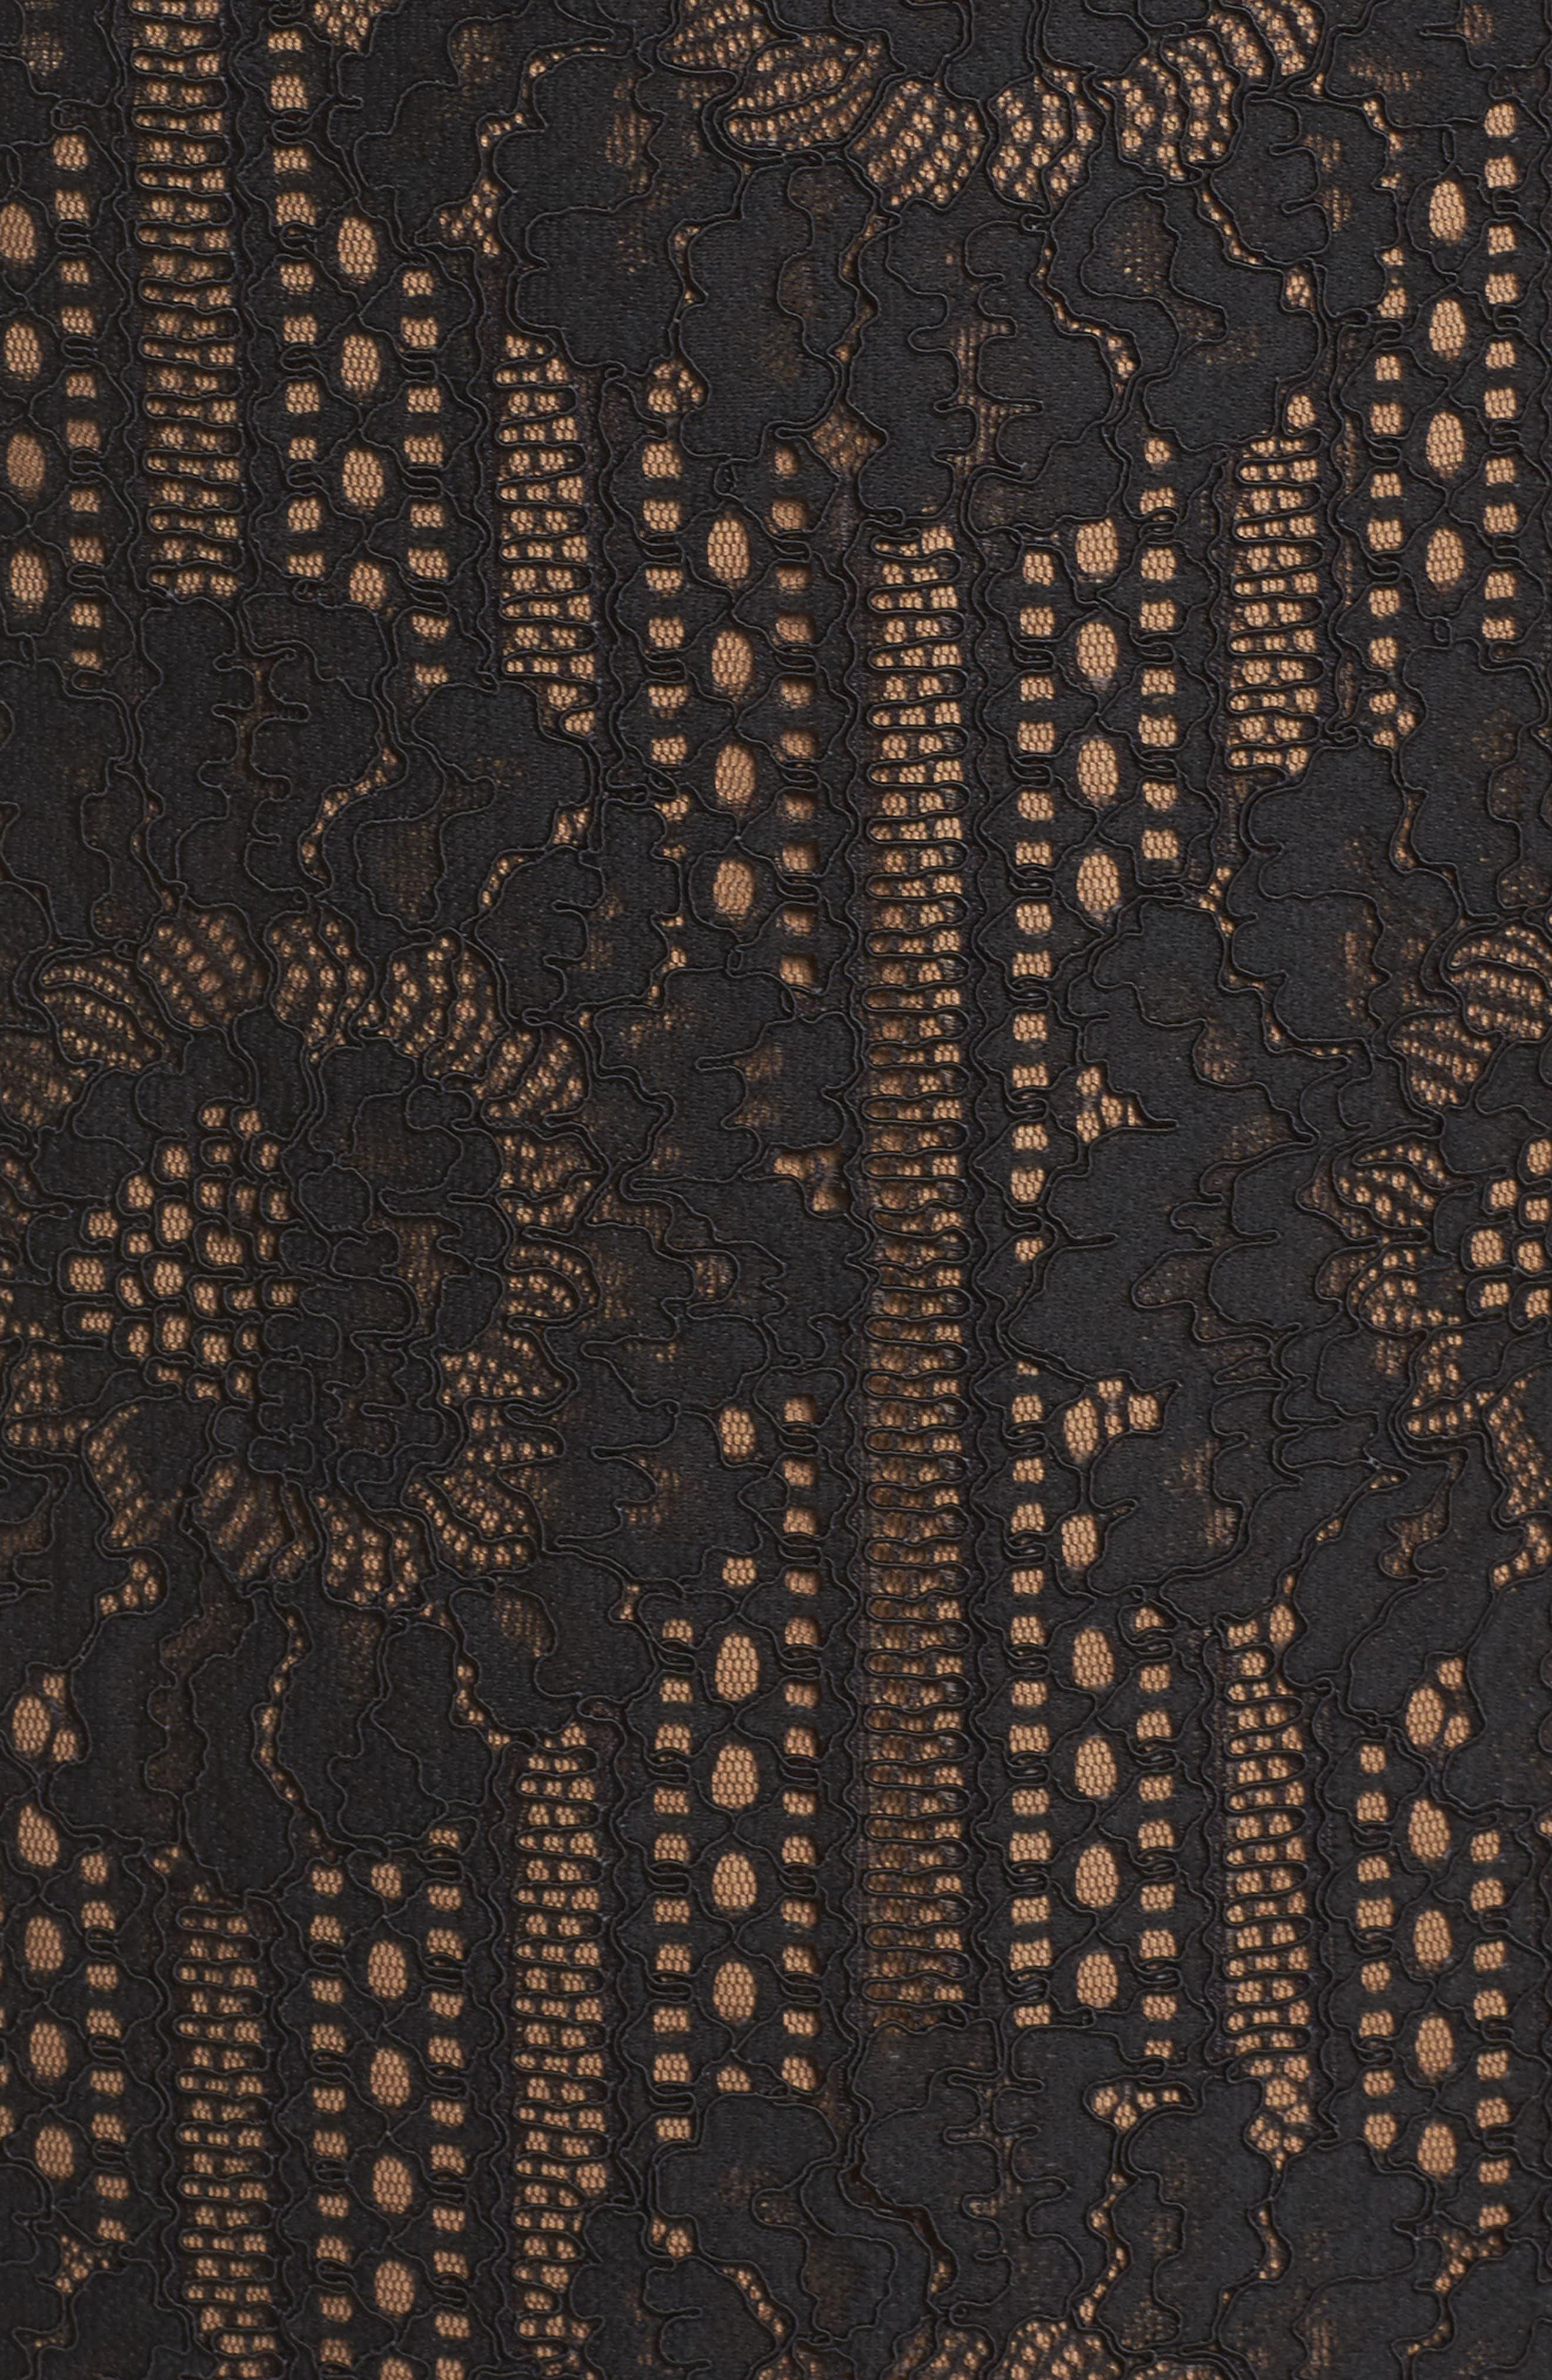 Velvet Trim Lace Sheath Dress,                             Alternate thumbnail 5, color,                             Black/ Nude